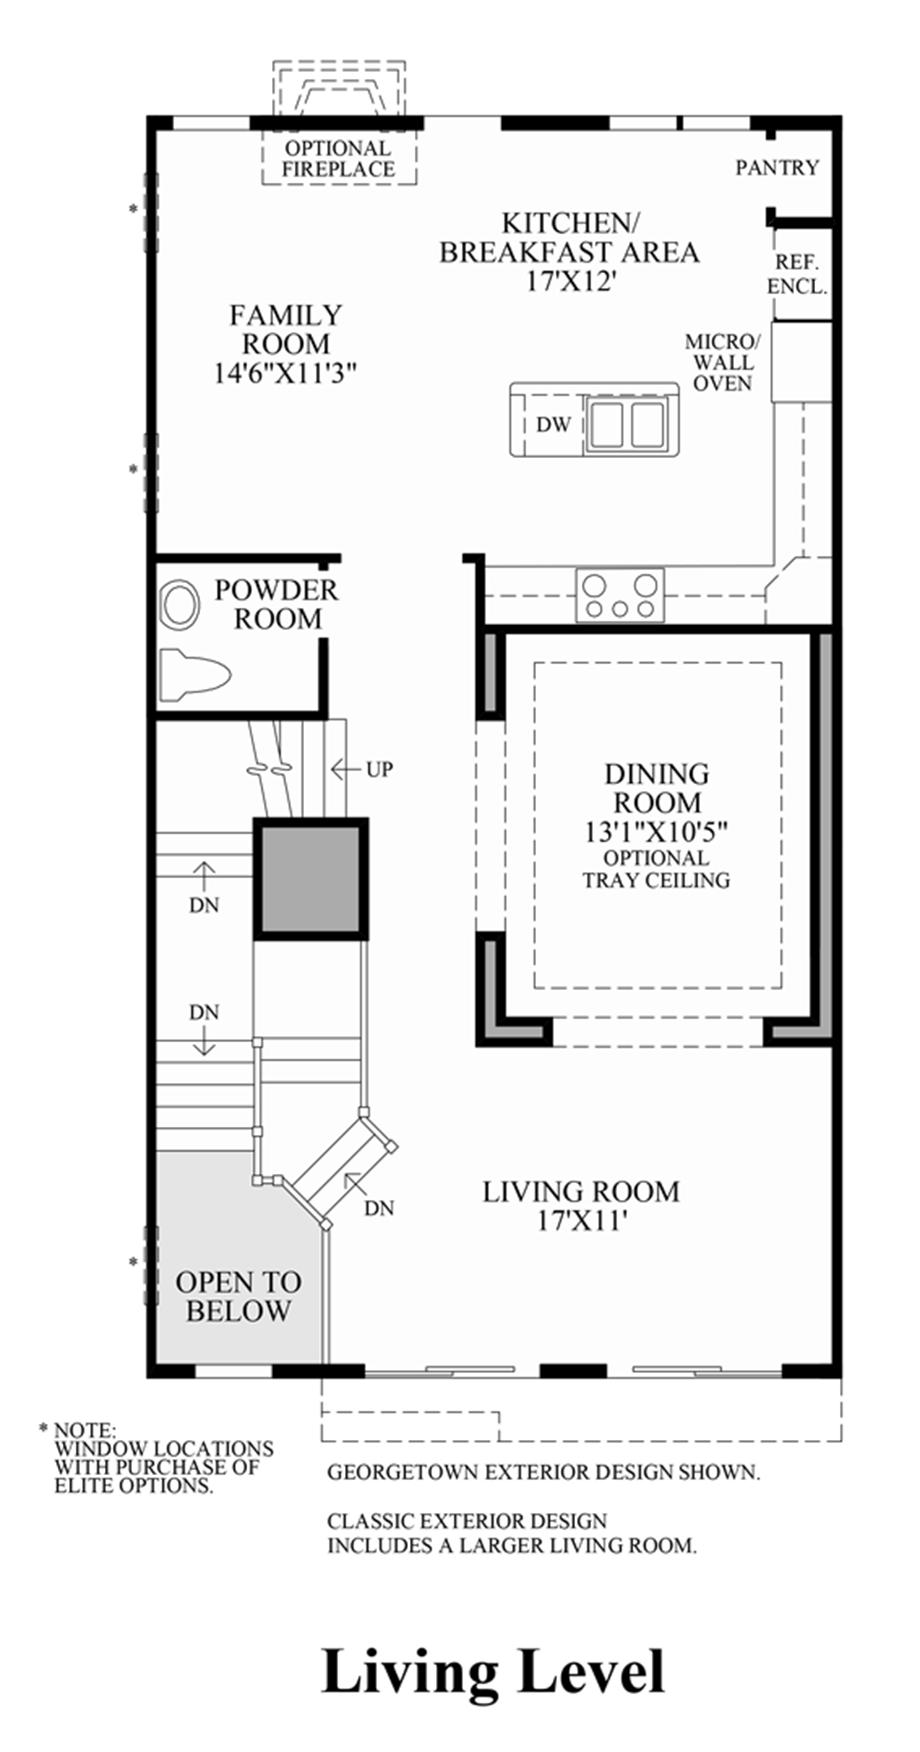 Living Level (Lower Level Entry) Floor Plan